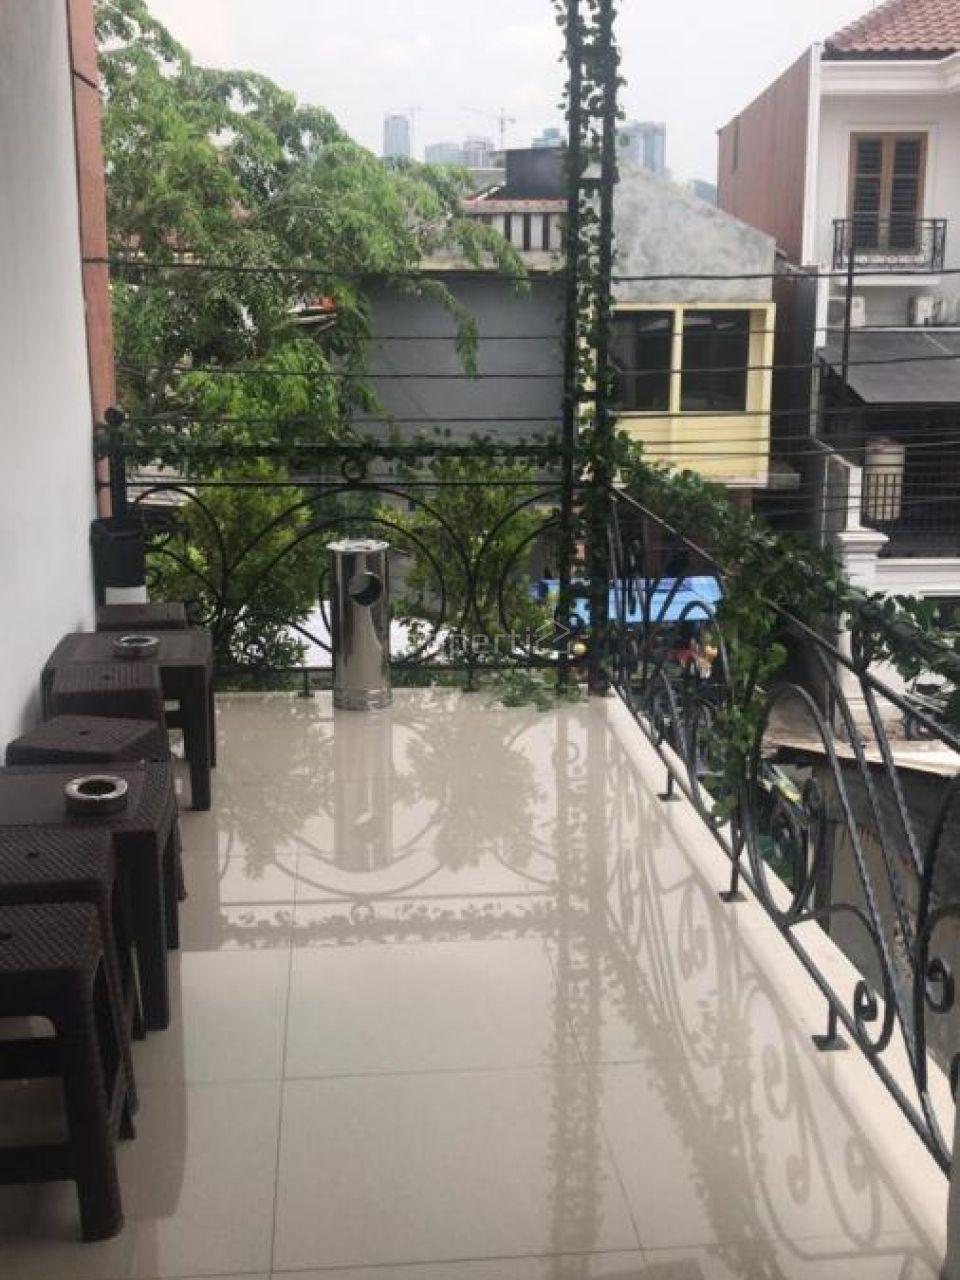 Rumah Kost di Mampang Prapatan, Mampang Prapatan